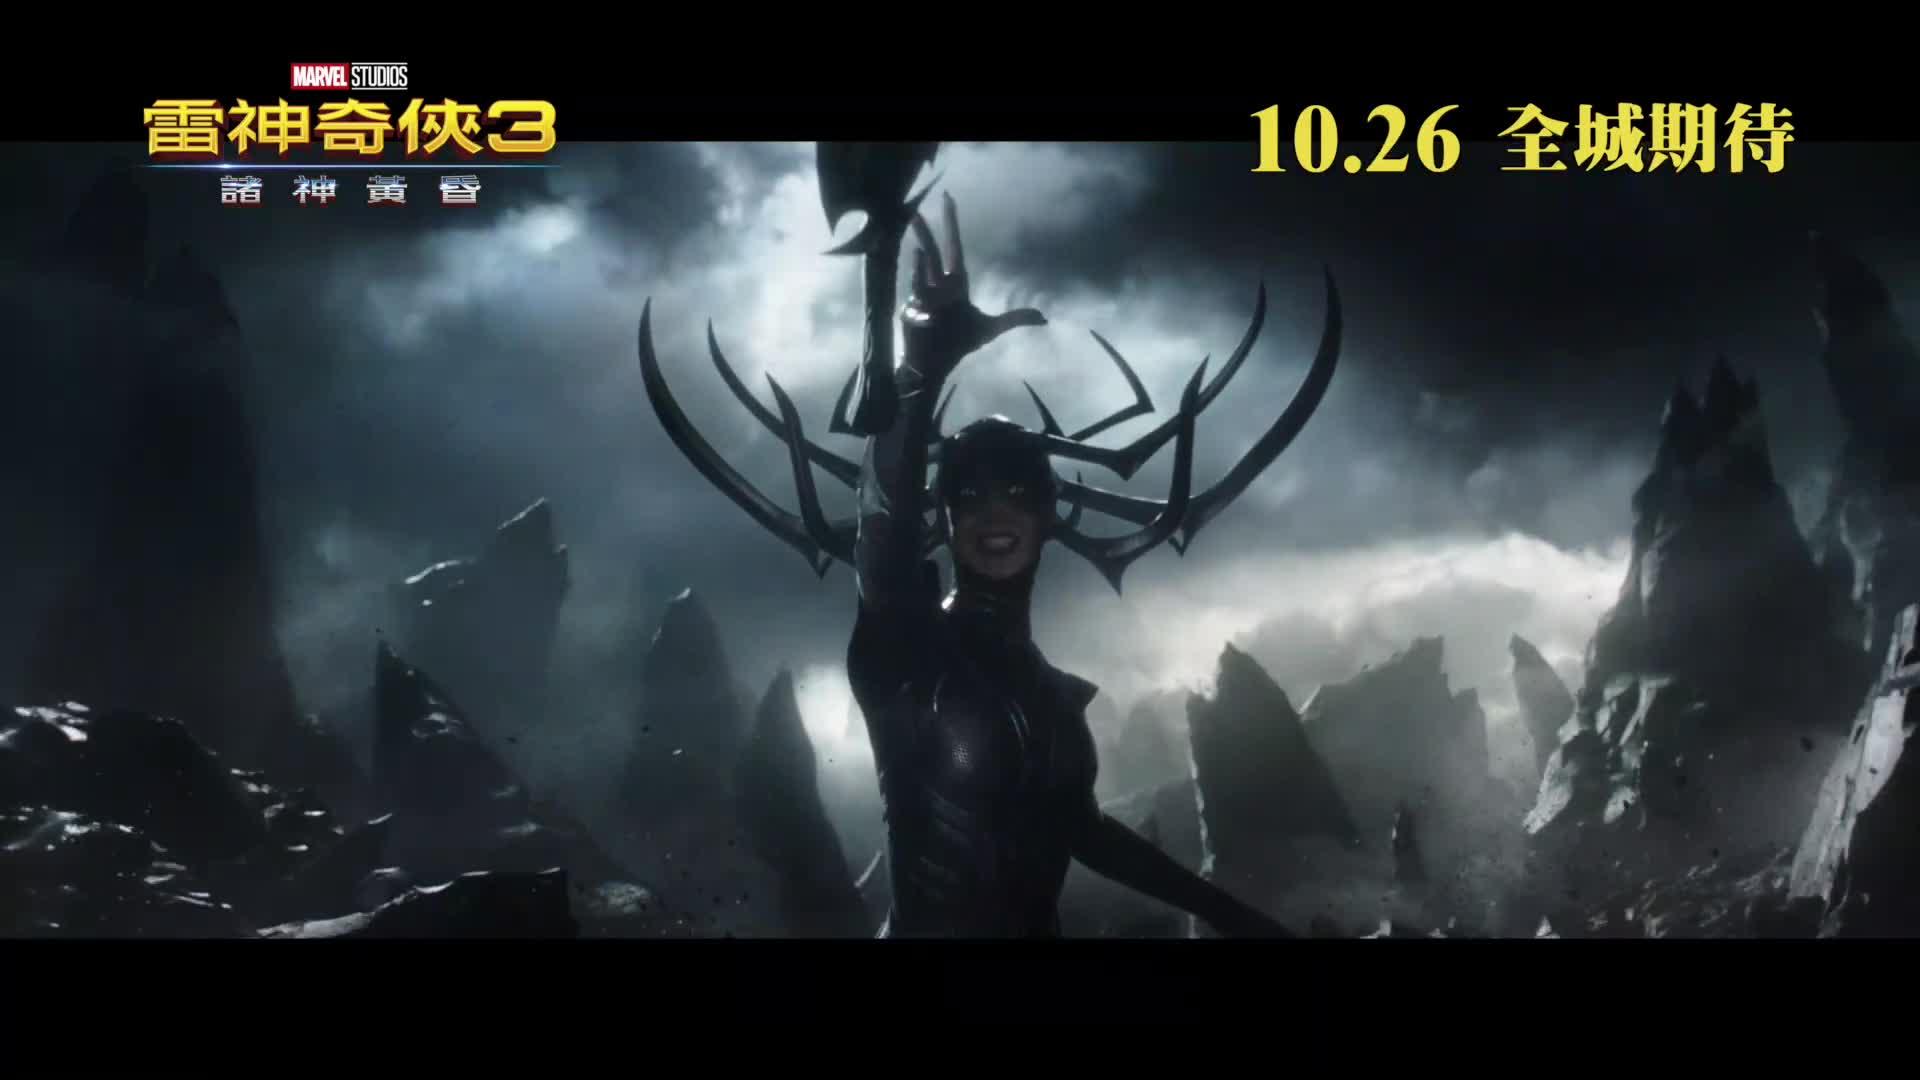 《雷神3:諸神黃昏》花絮